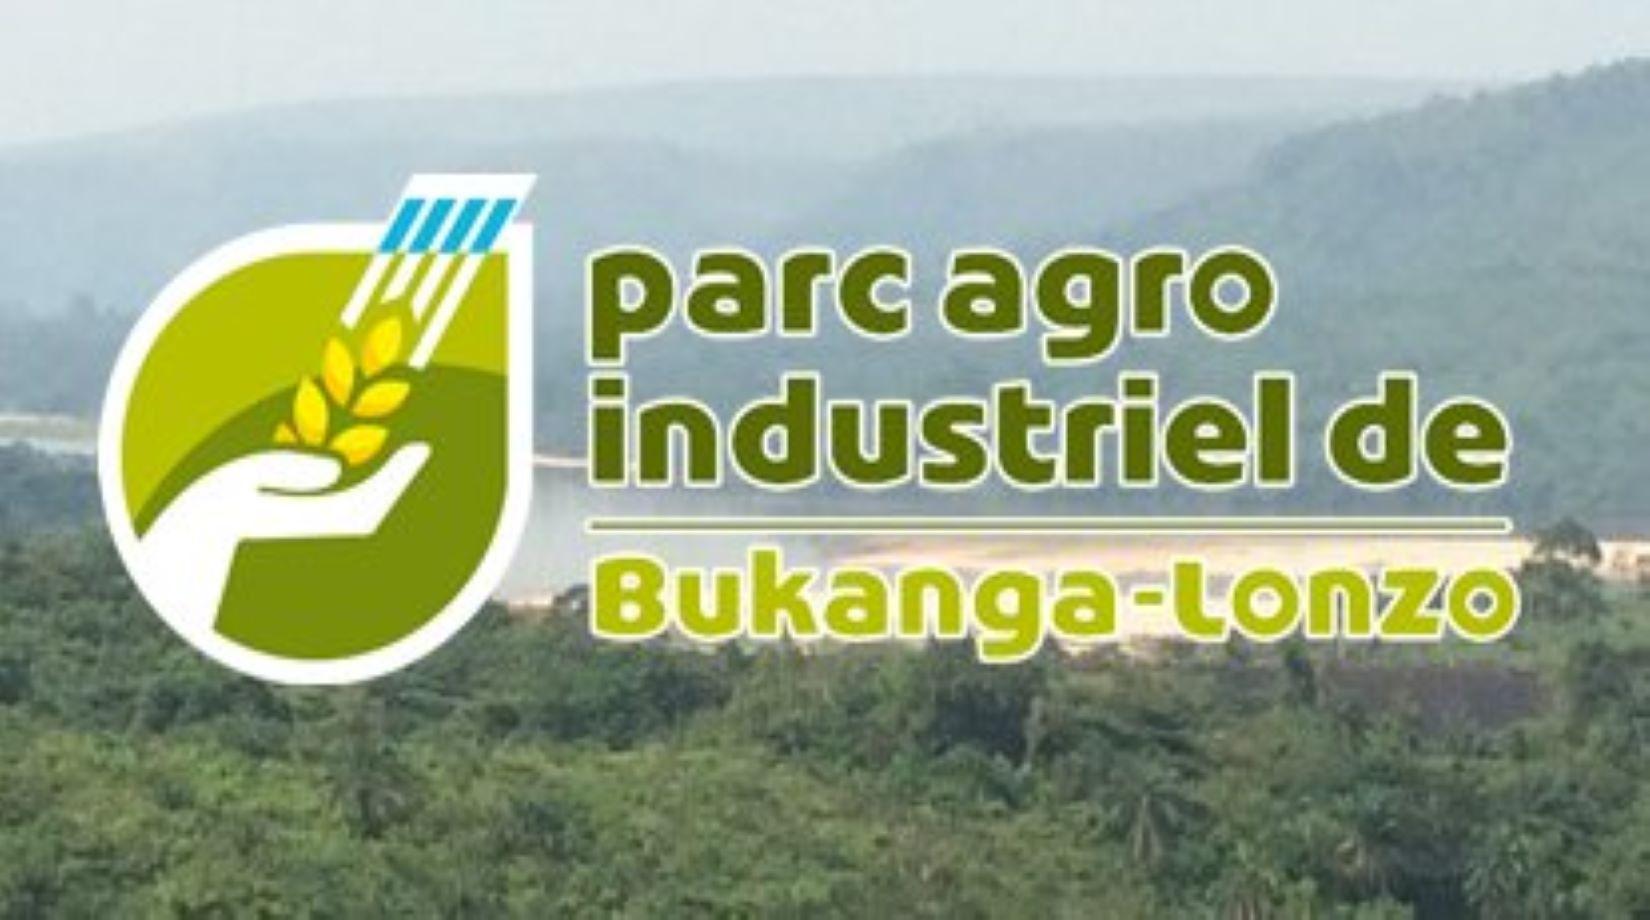 « Affaire projet Bukanga Lonzo »: Matata Ponyo se réserve le droit de porter plainte contre l'IGF pour diffamation et fausse information